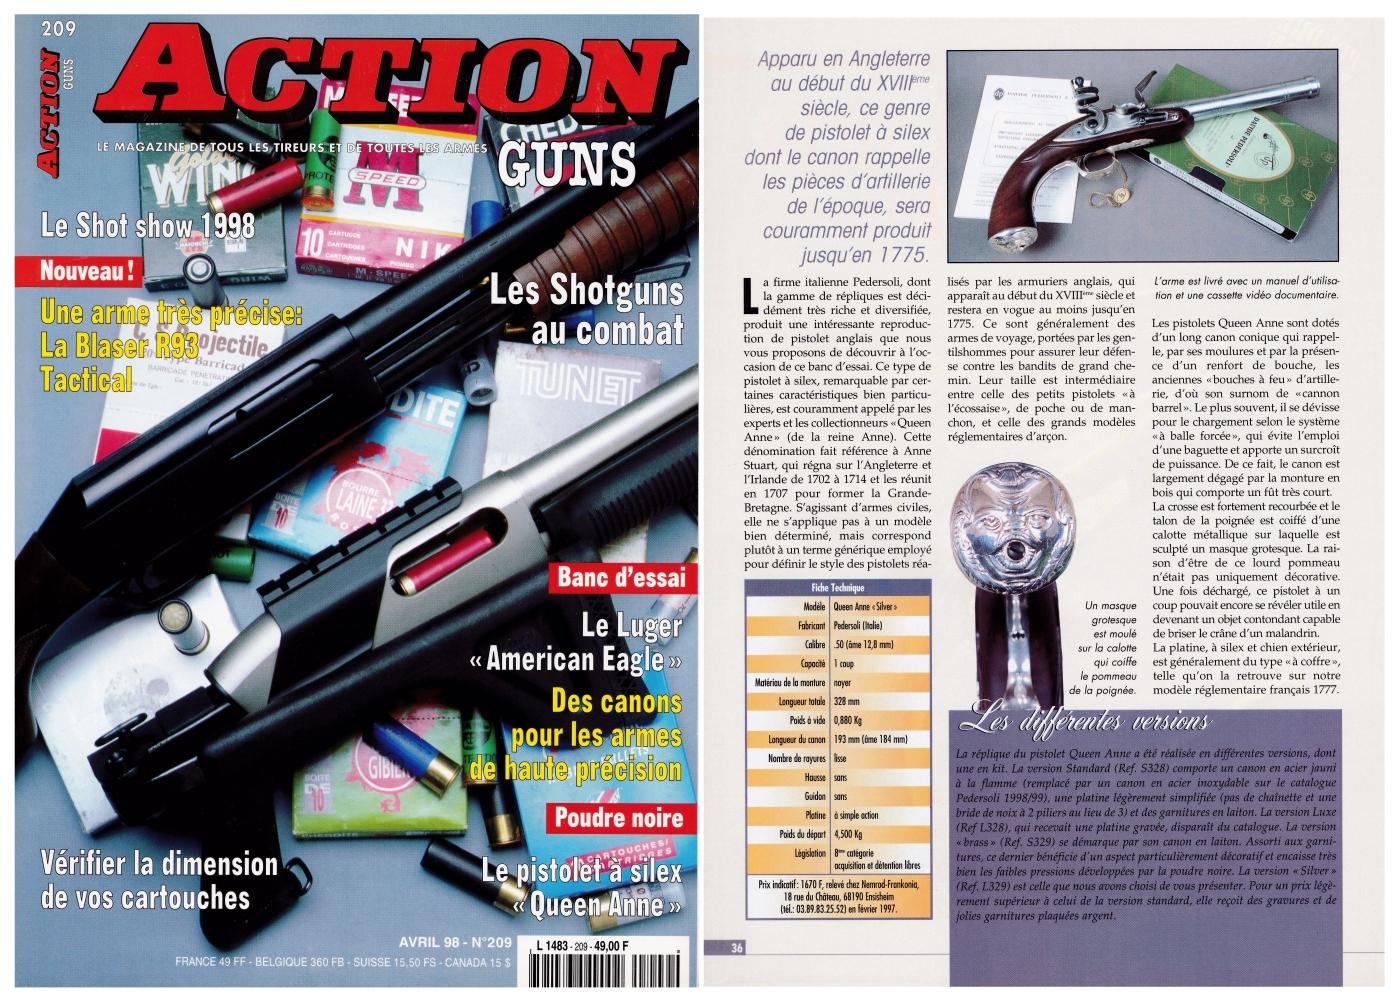 """Le banc d'essai du pistolet Pedersoli """"Queen Anne"""" a été publié sur 5 pages dans le magazine Action Guns n°209 (avril 1998)."""